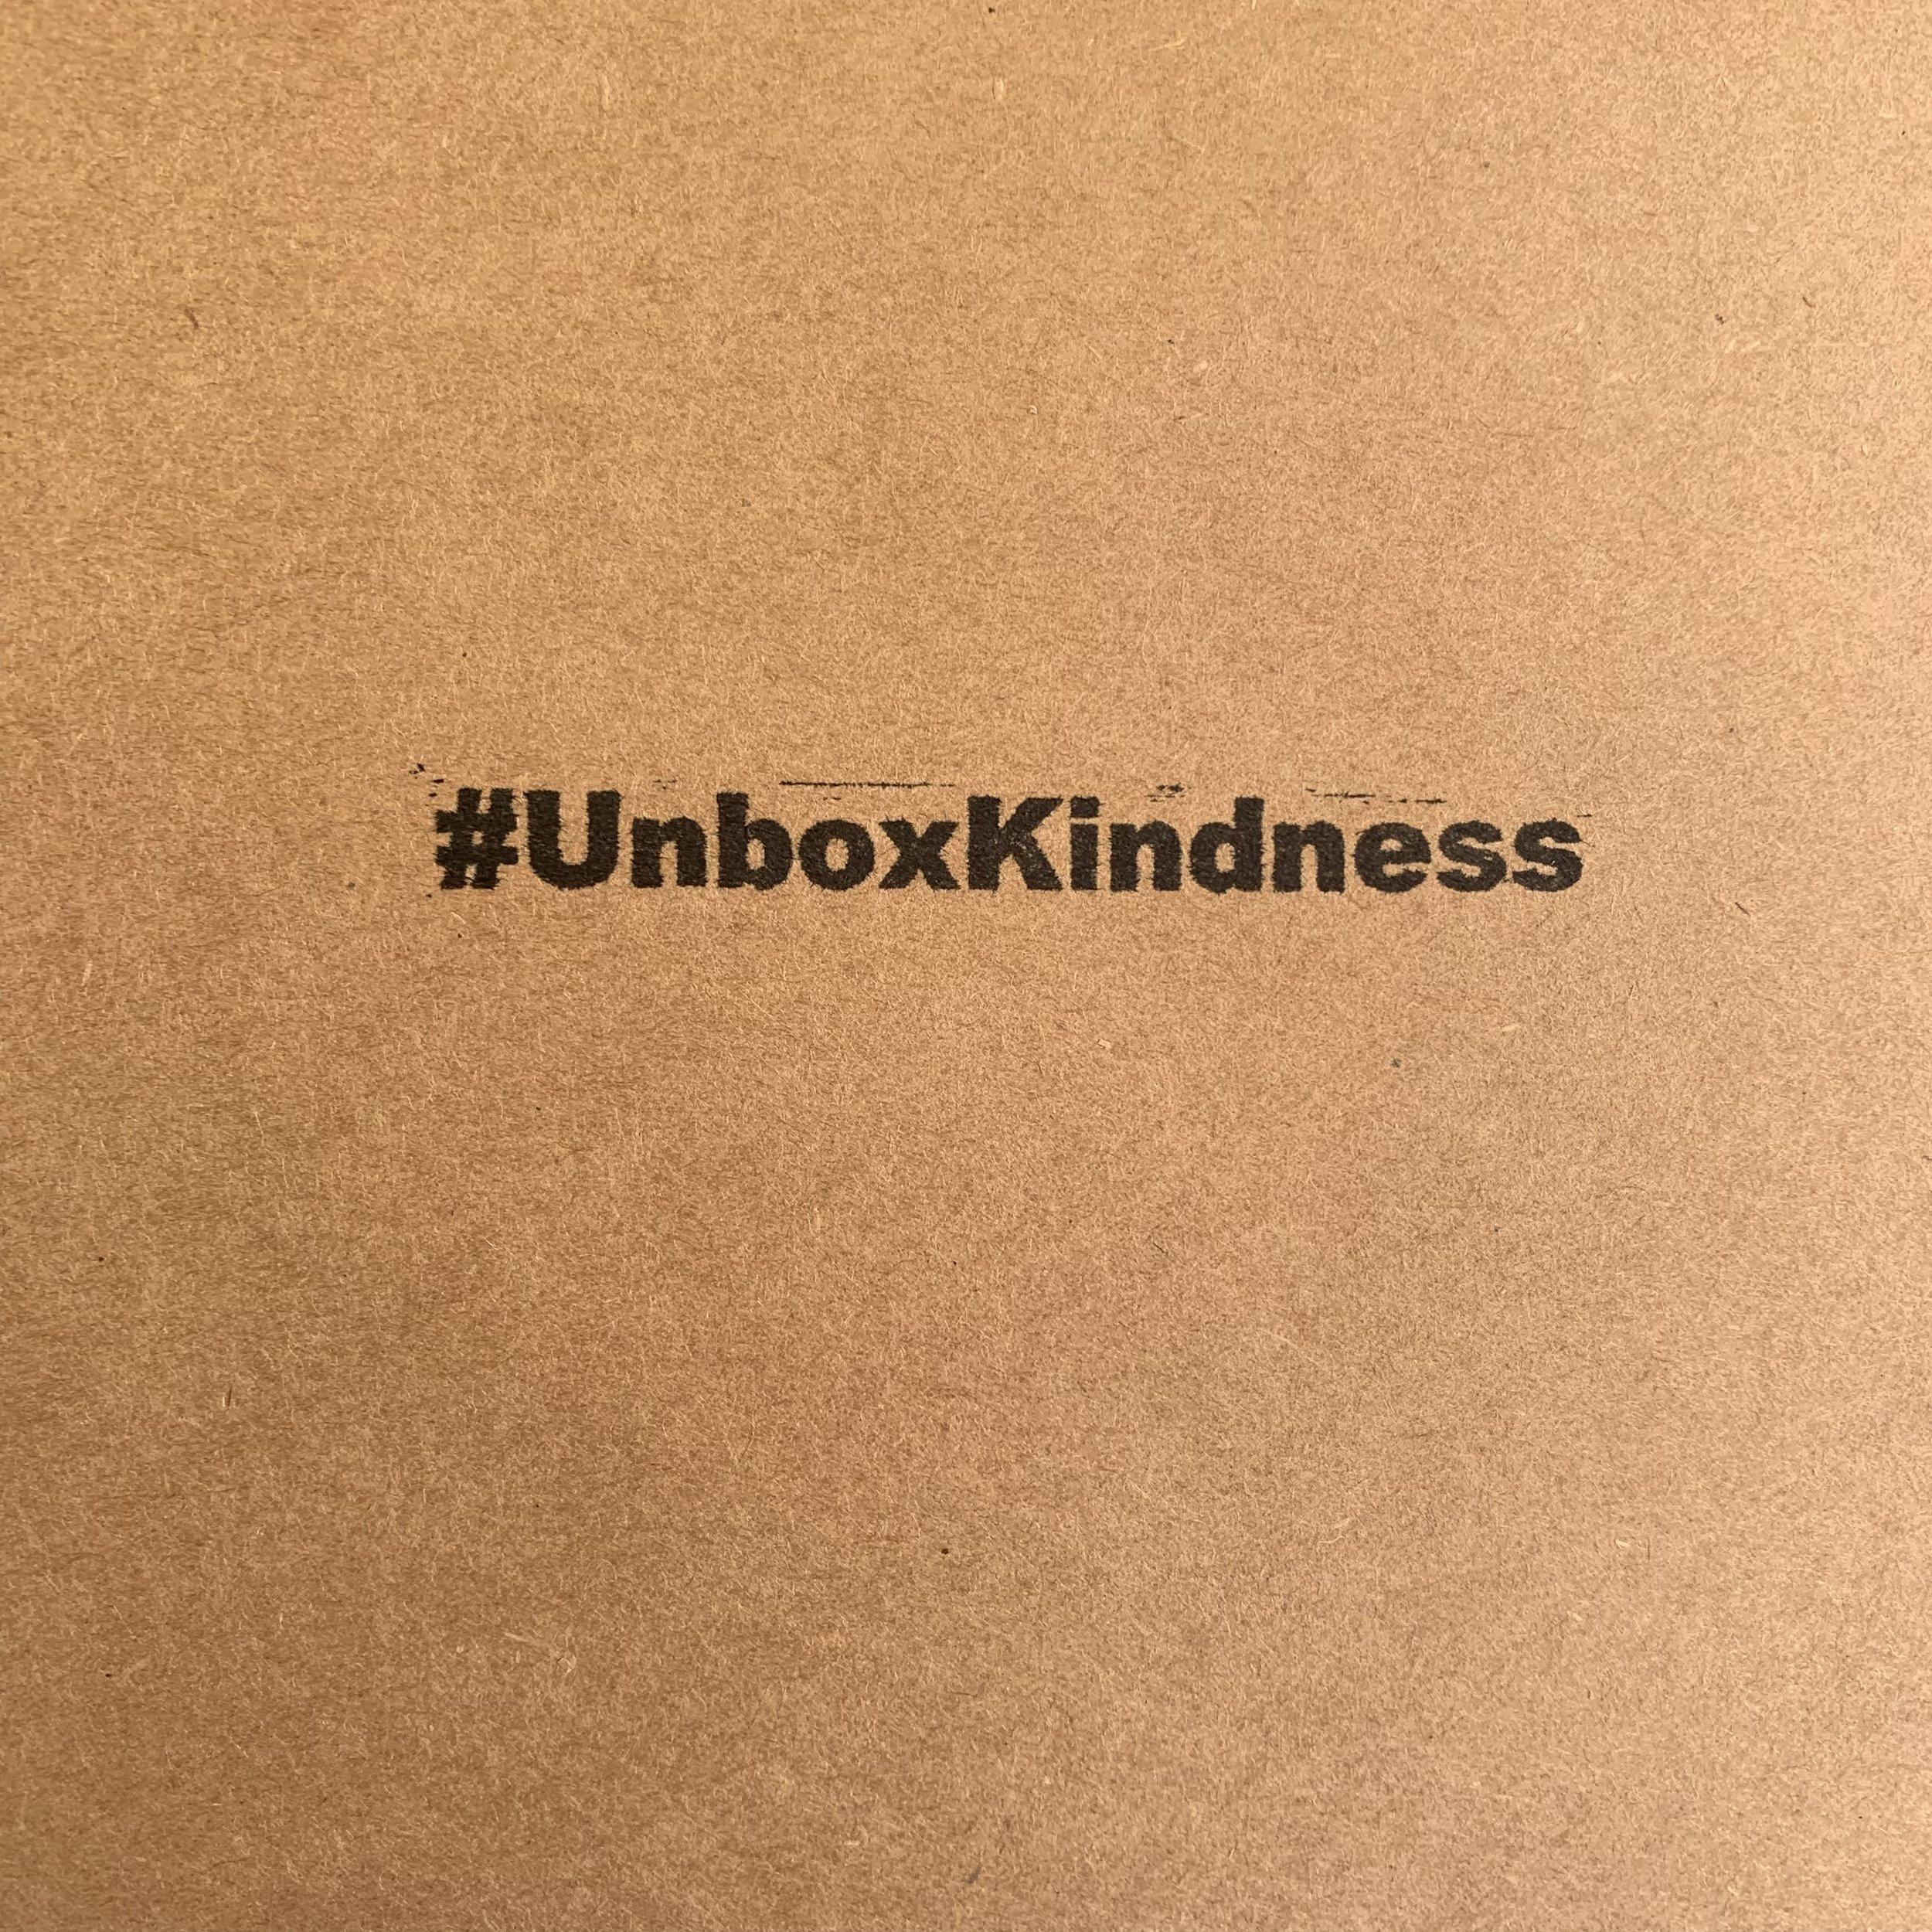 UnboxKindness-Stamp.jpg